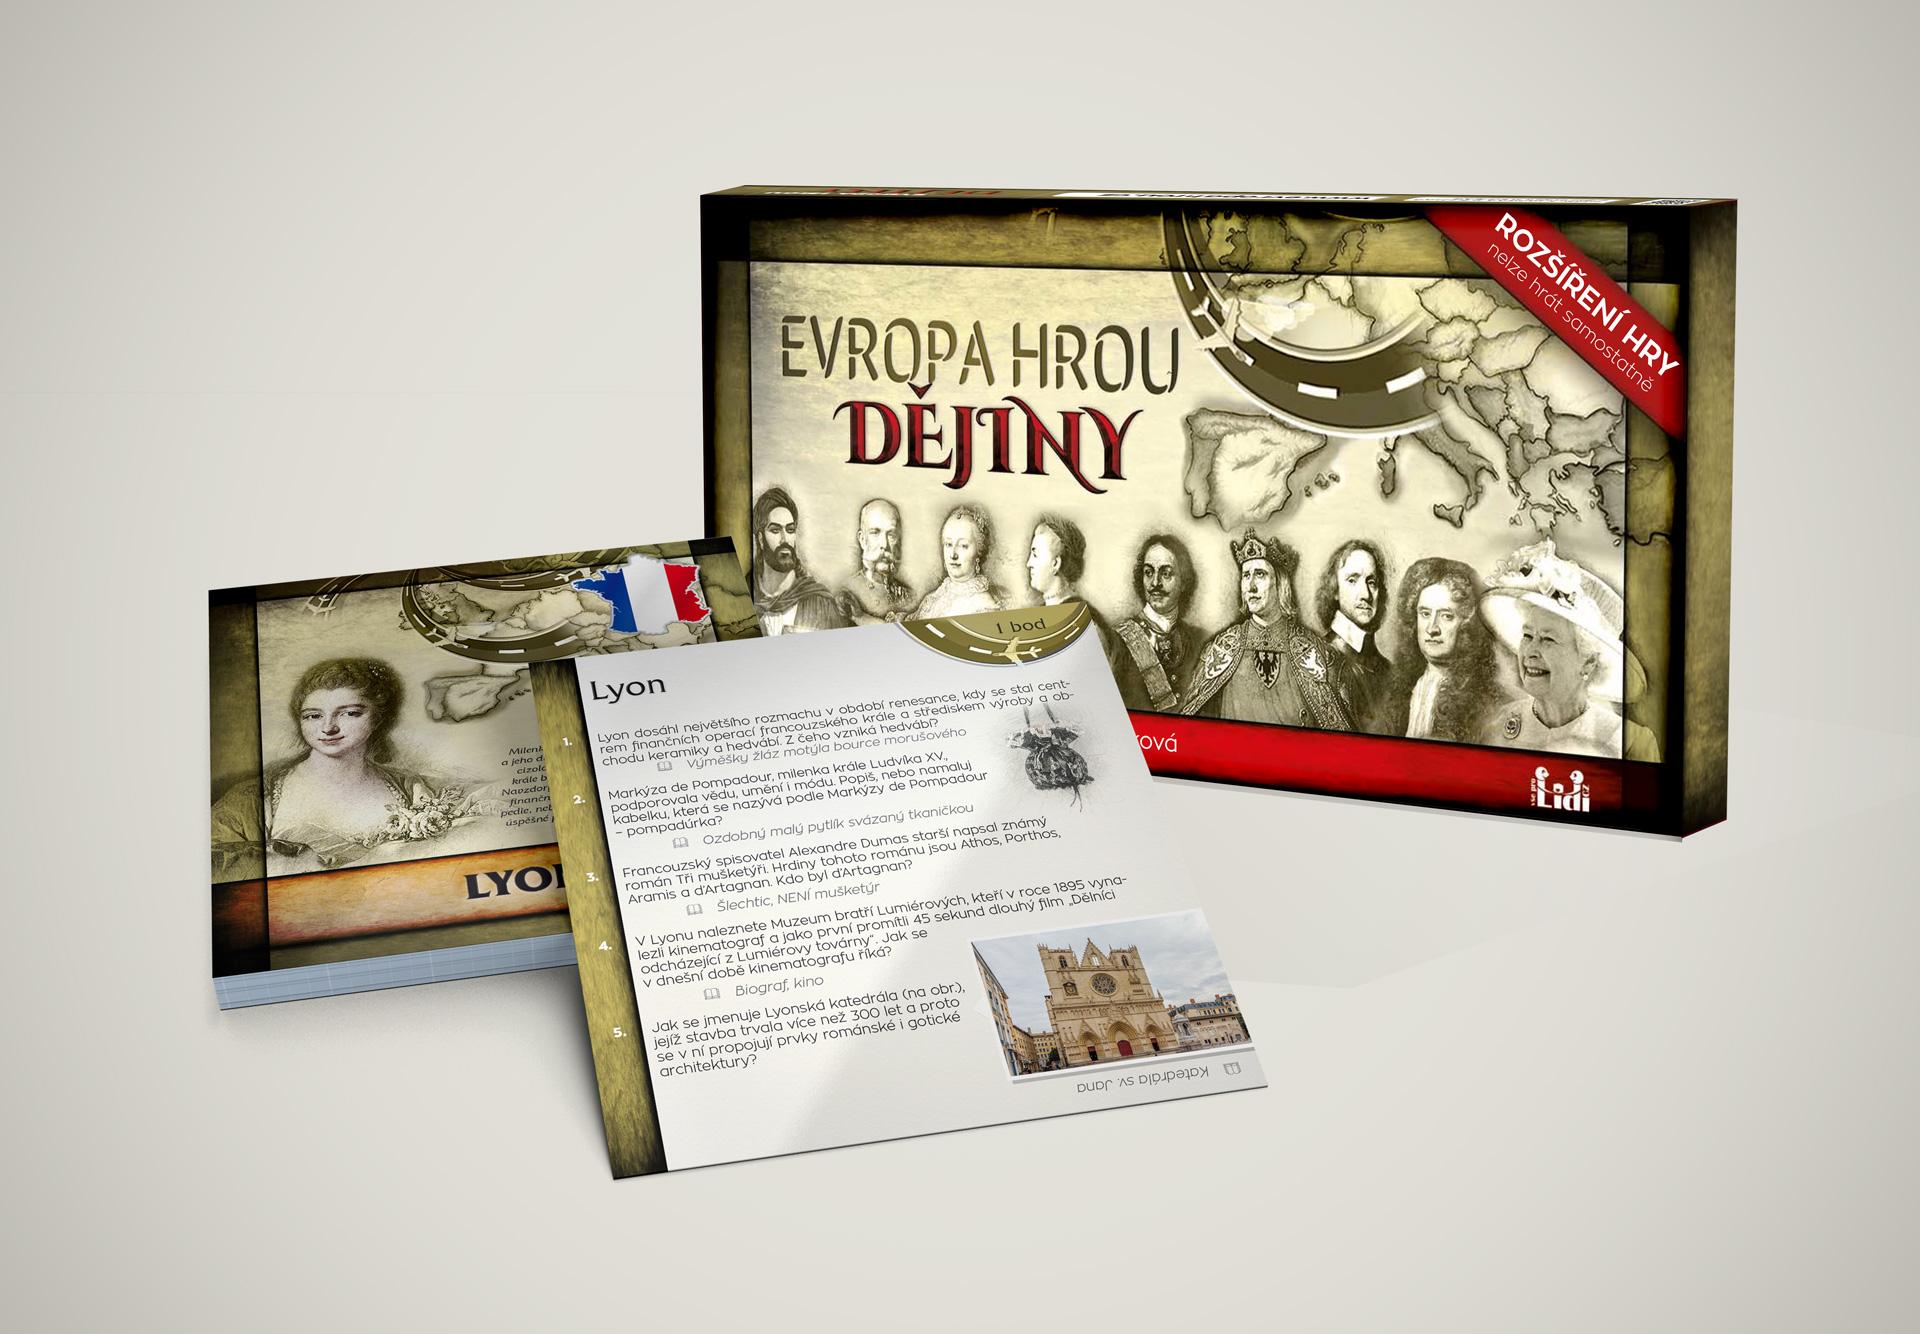 Evropa hrou dějiny